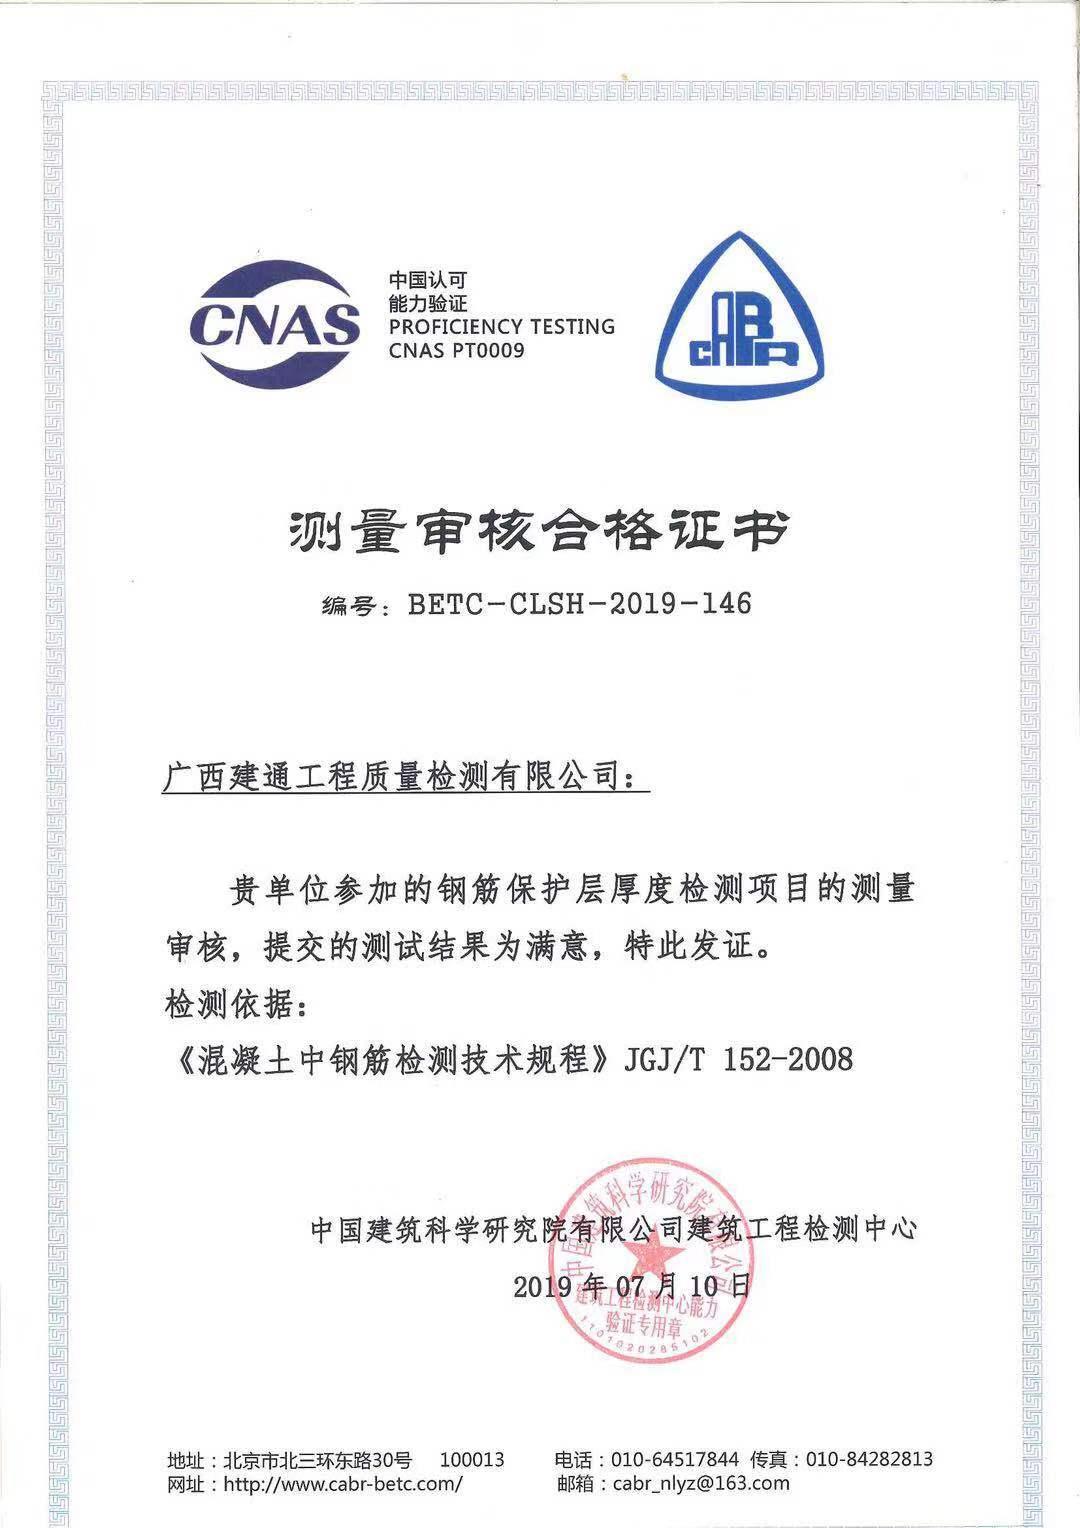 中国认可能力验证满意单位.jpg